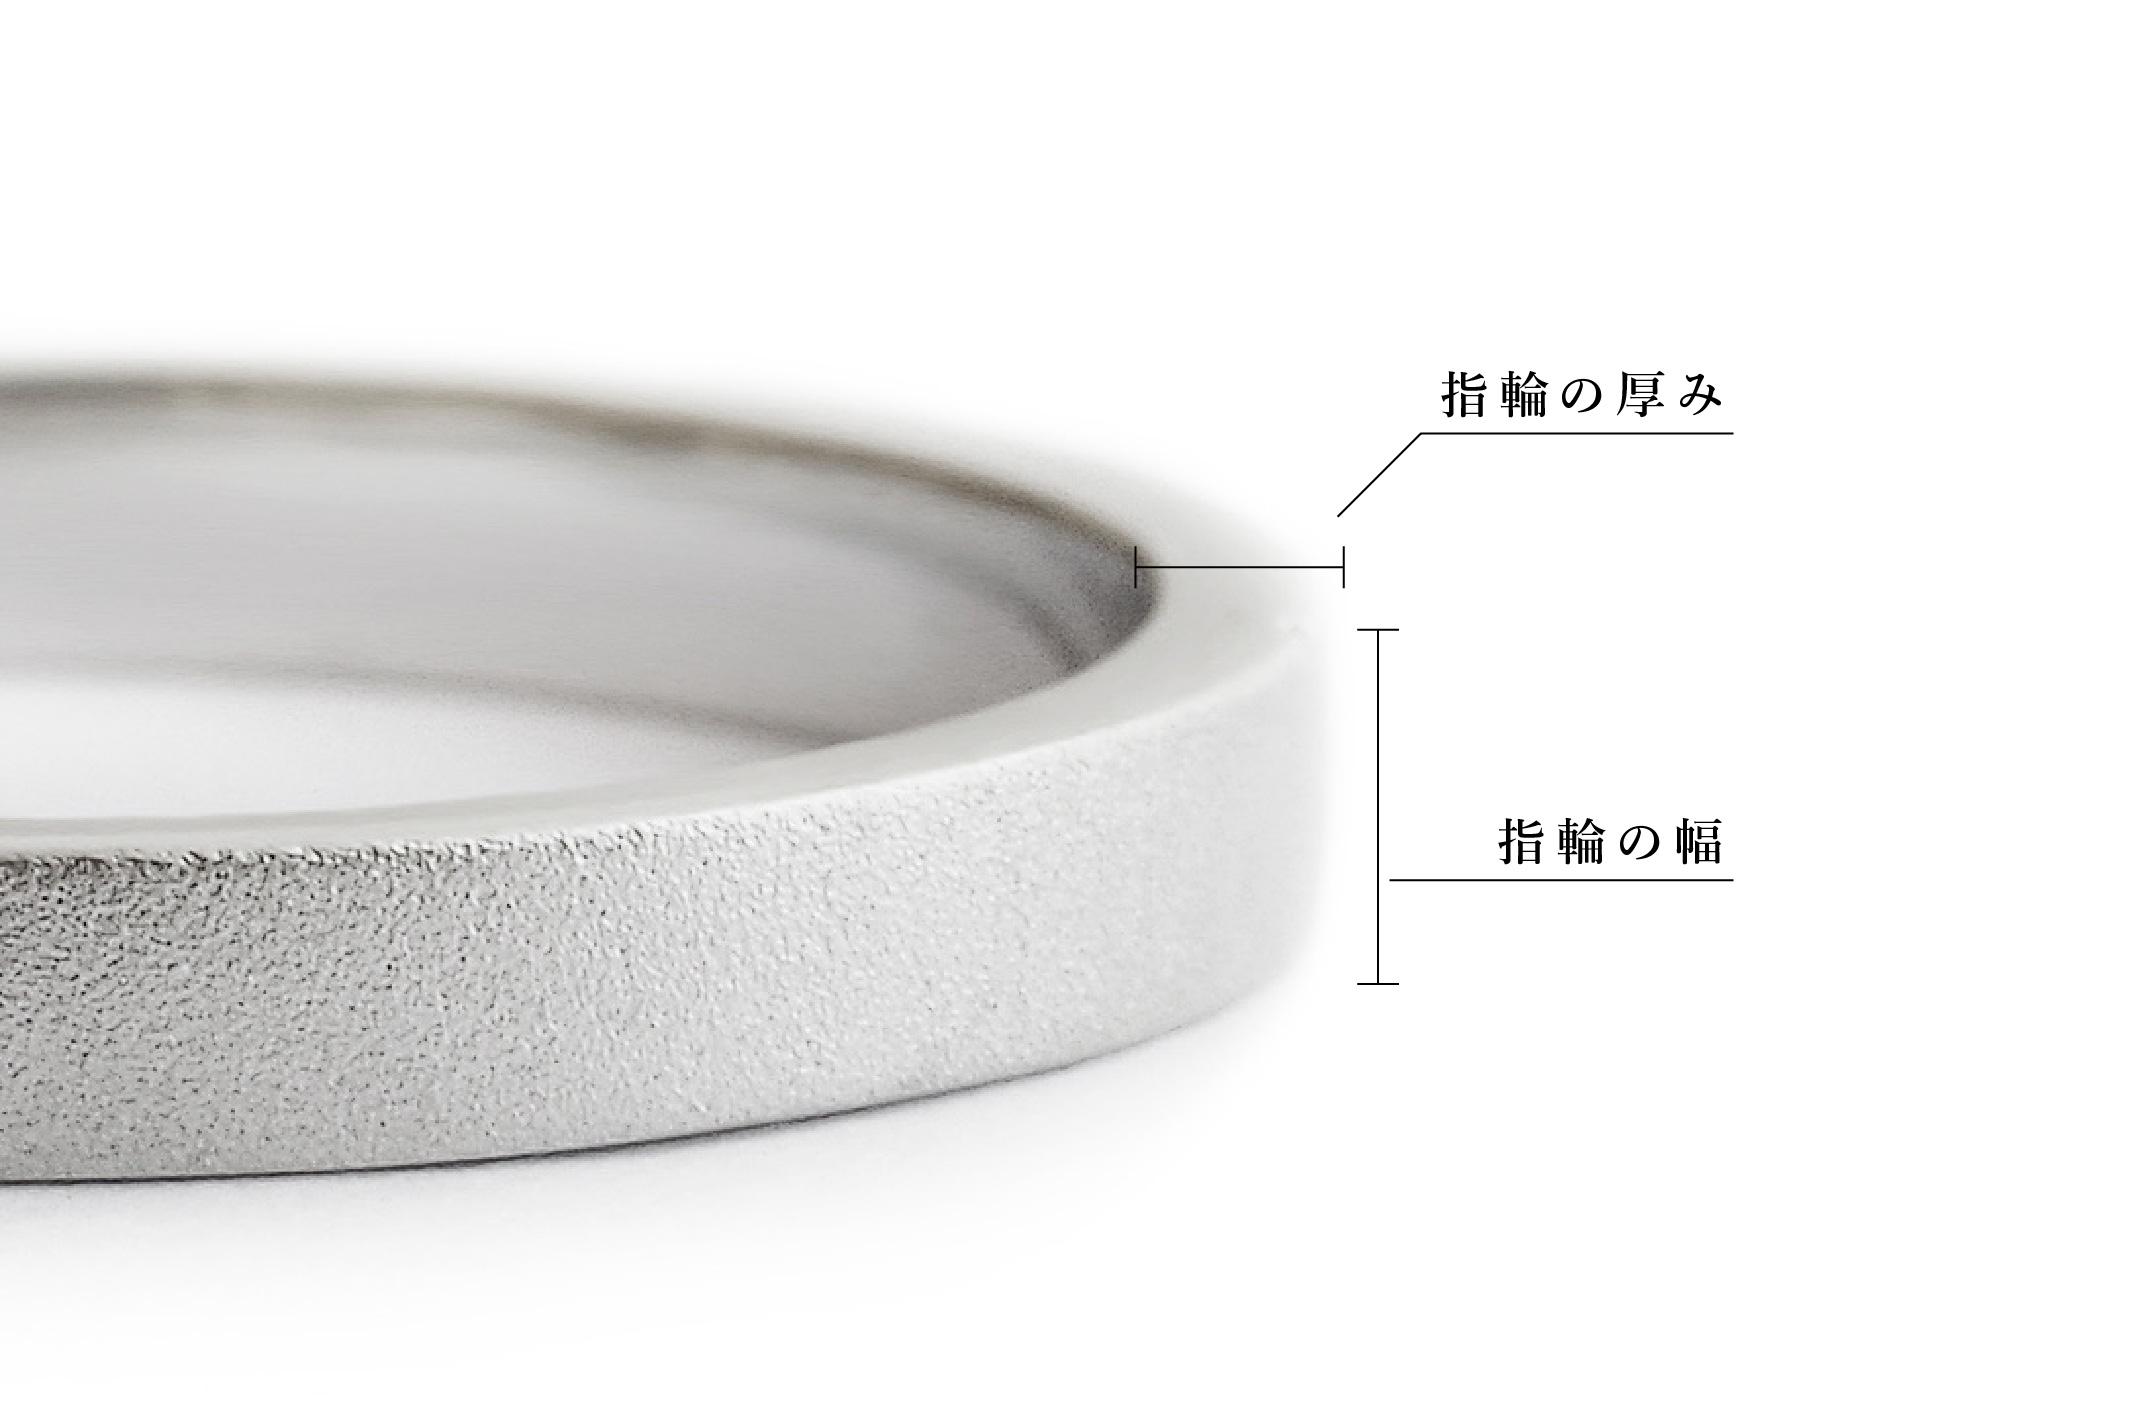 結婚指輪 オーダーメイド 通販 指輪 厚み 幅